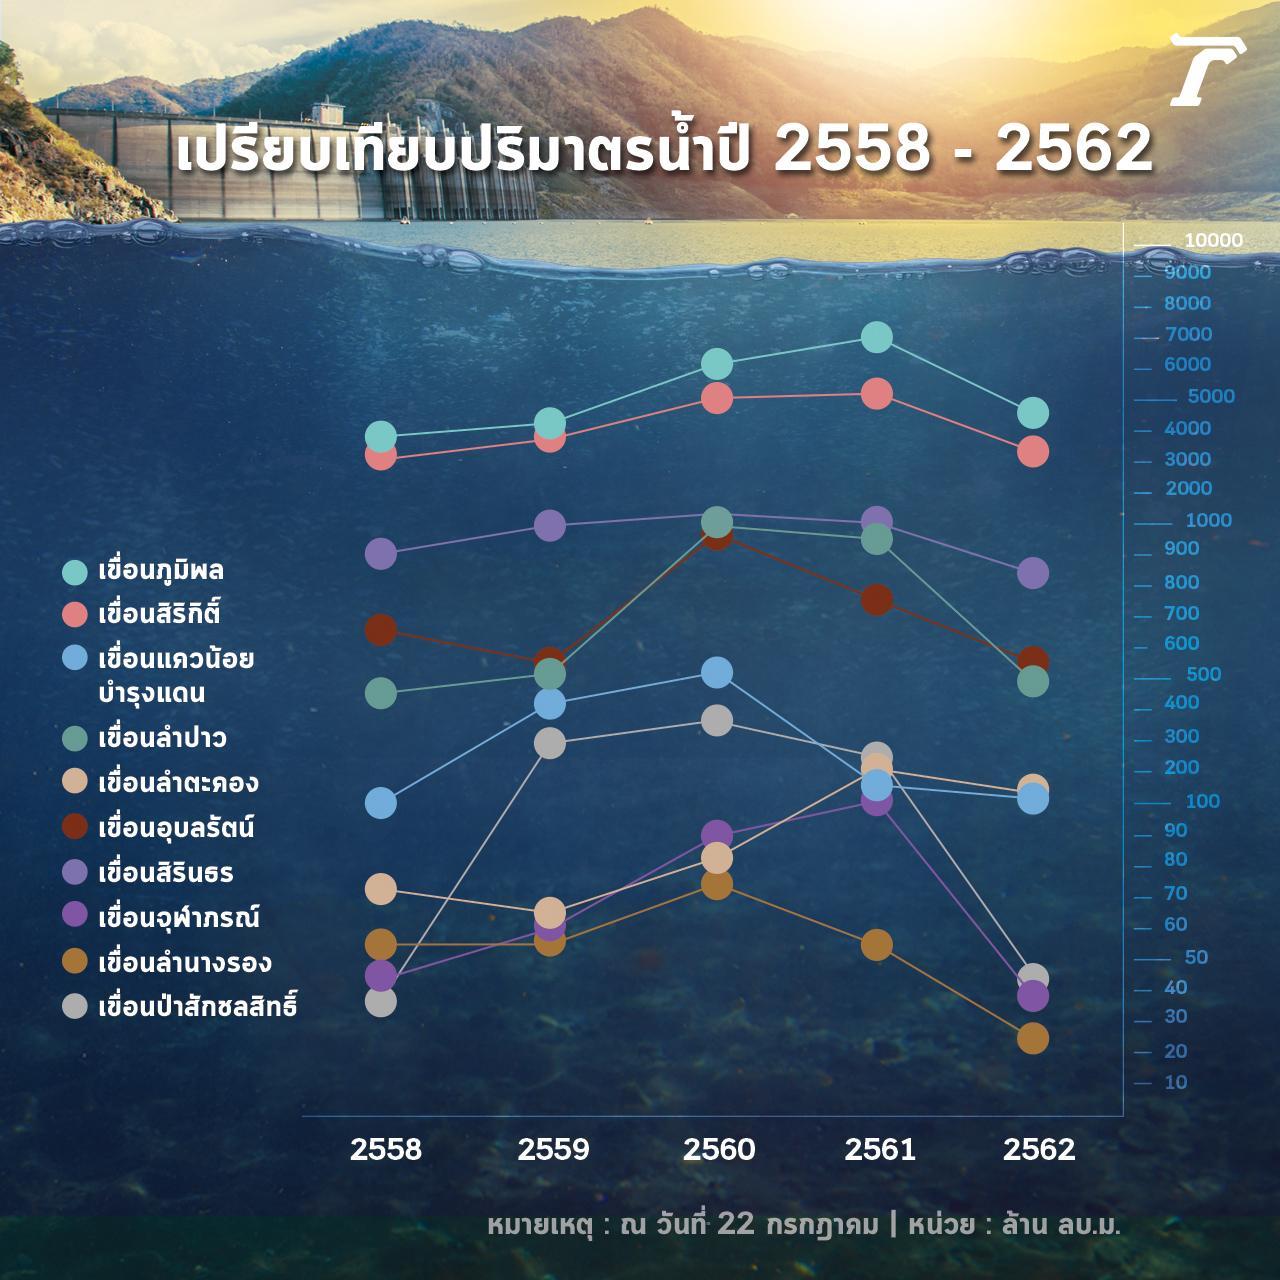 กราฟแสดงการเปรียบเทียบปริมาตรน้ำของเขื่อนสำคัญๆ ในเขตพื้นที่ภาคเหนือ กลาง และตะวันออกเฉียงเหนือ รวมถึง 4 เขื่อนหลักลุ่มเจ้าพระยา ณ วันที่ 22 กรกฎาคม 2562 ช่วงปี 2558-2562